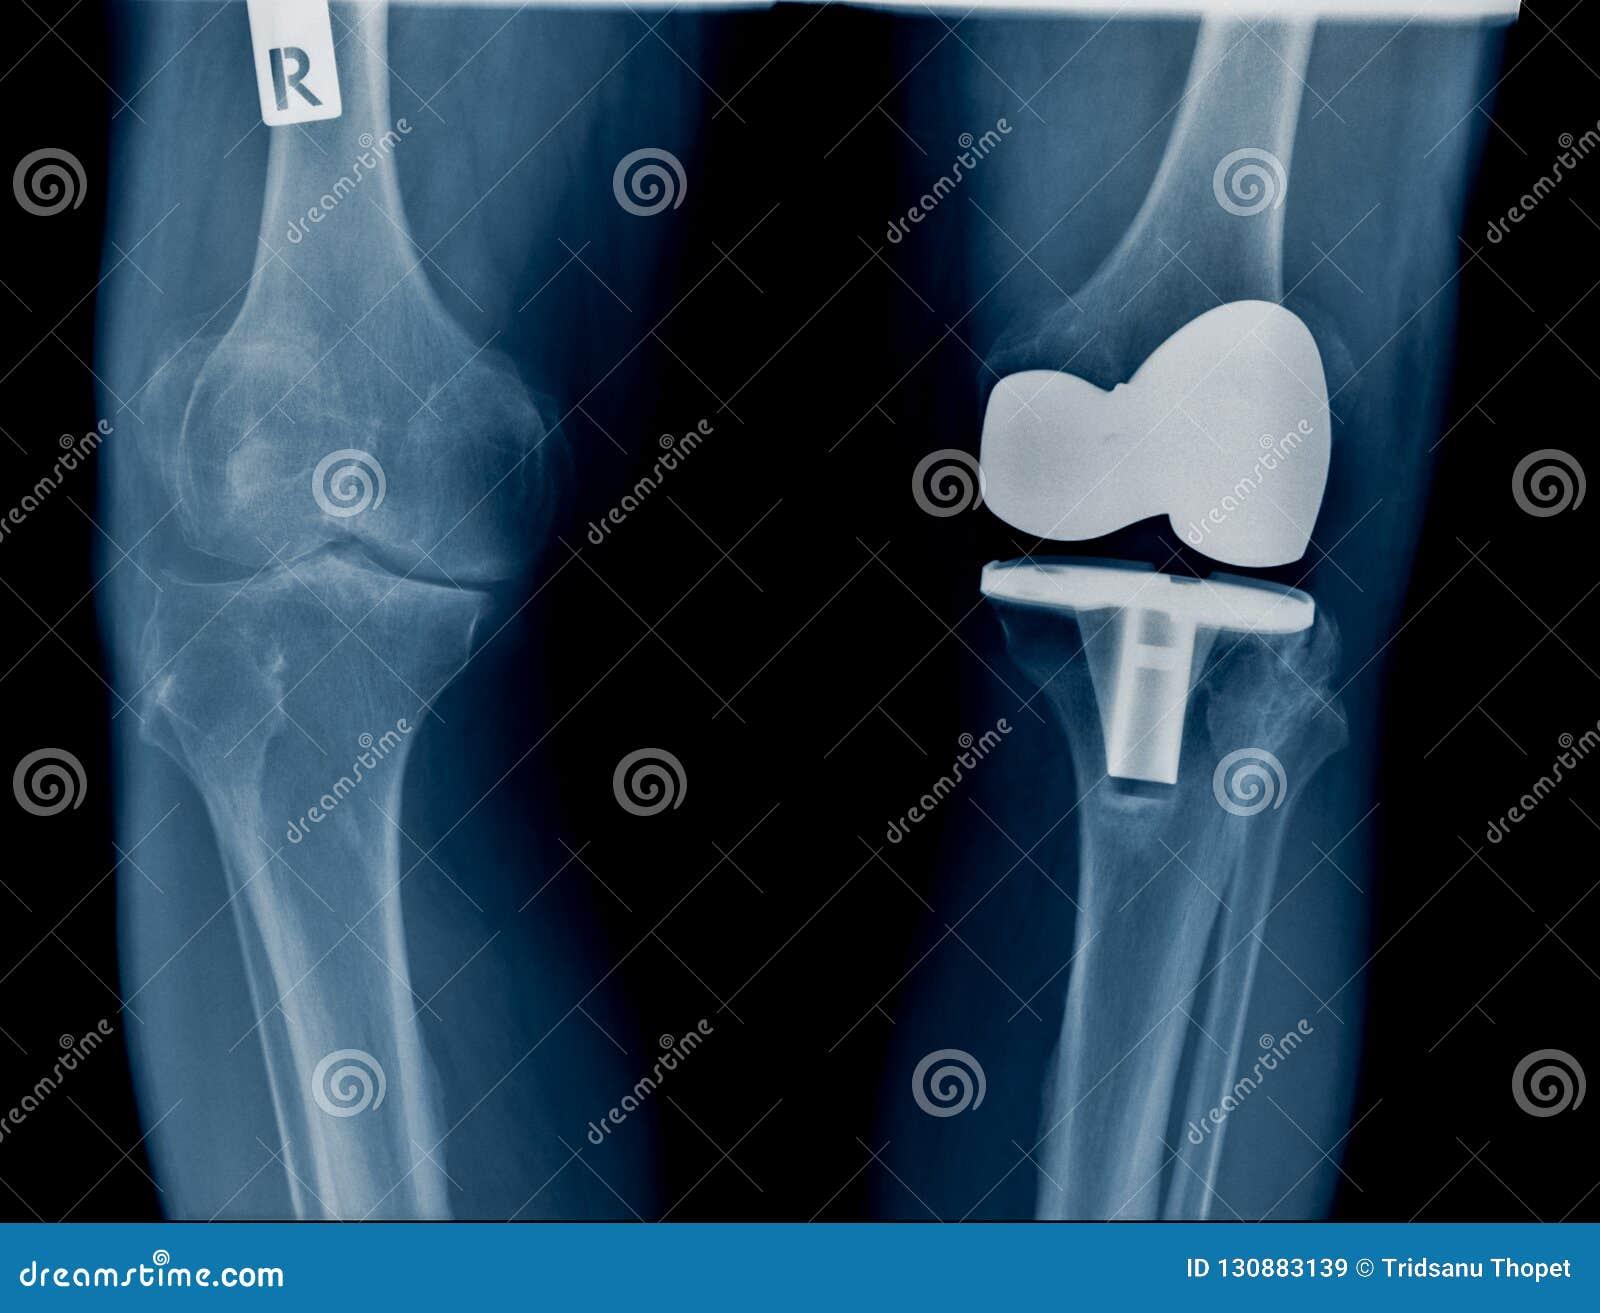 De röntgenstraal van de hoogtekwaliteit met knie gezamenlijke vervanging